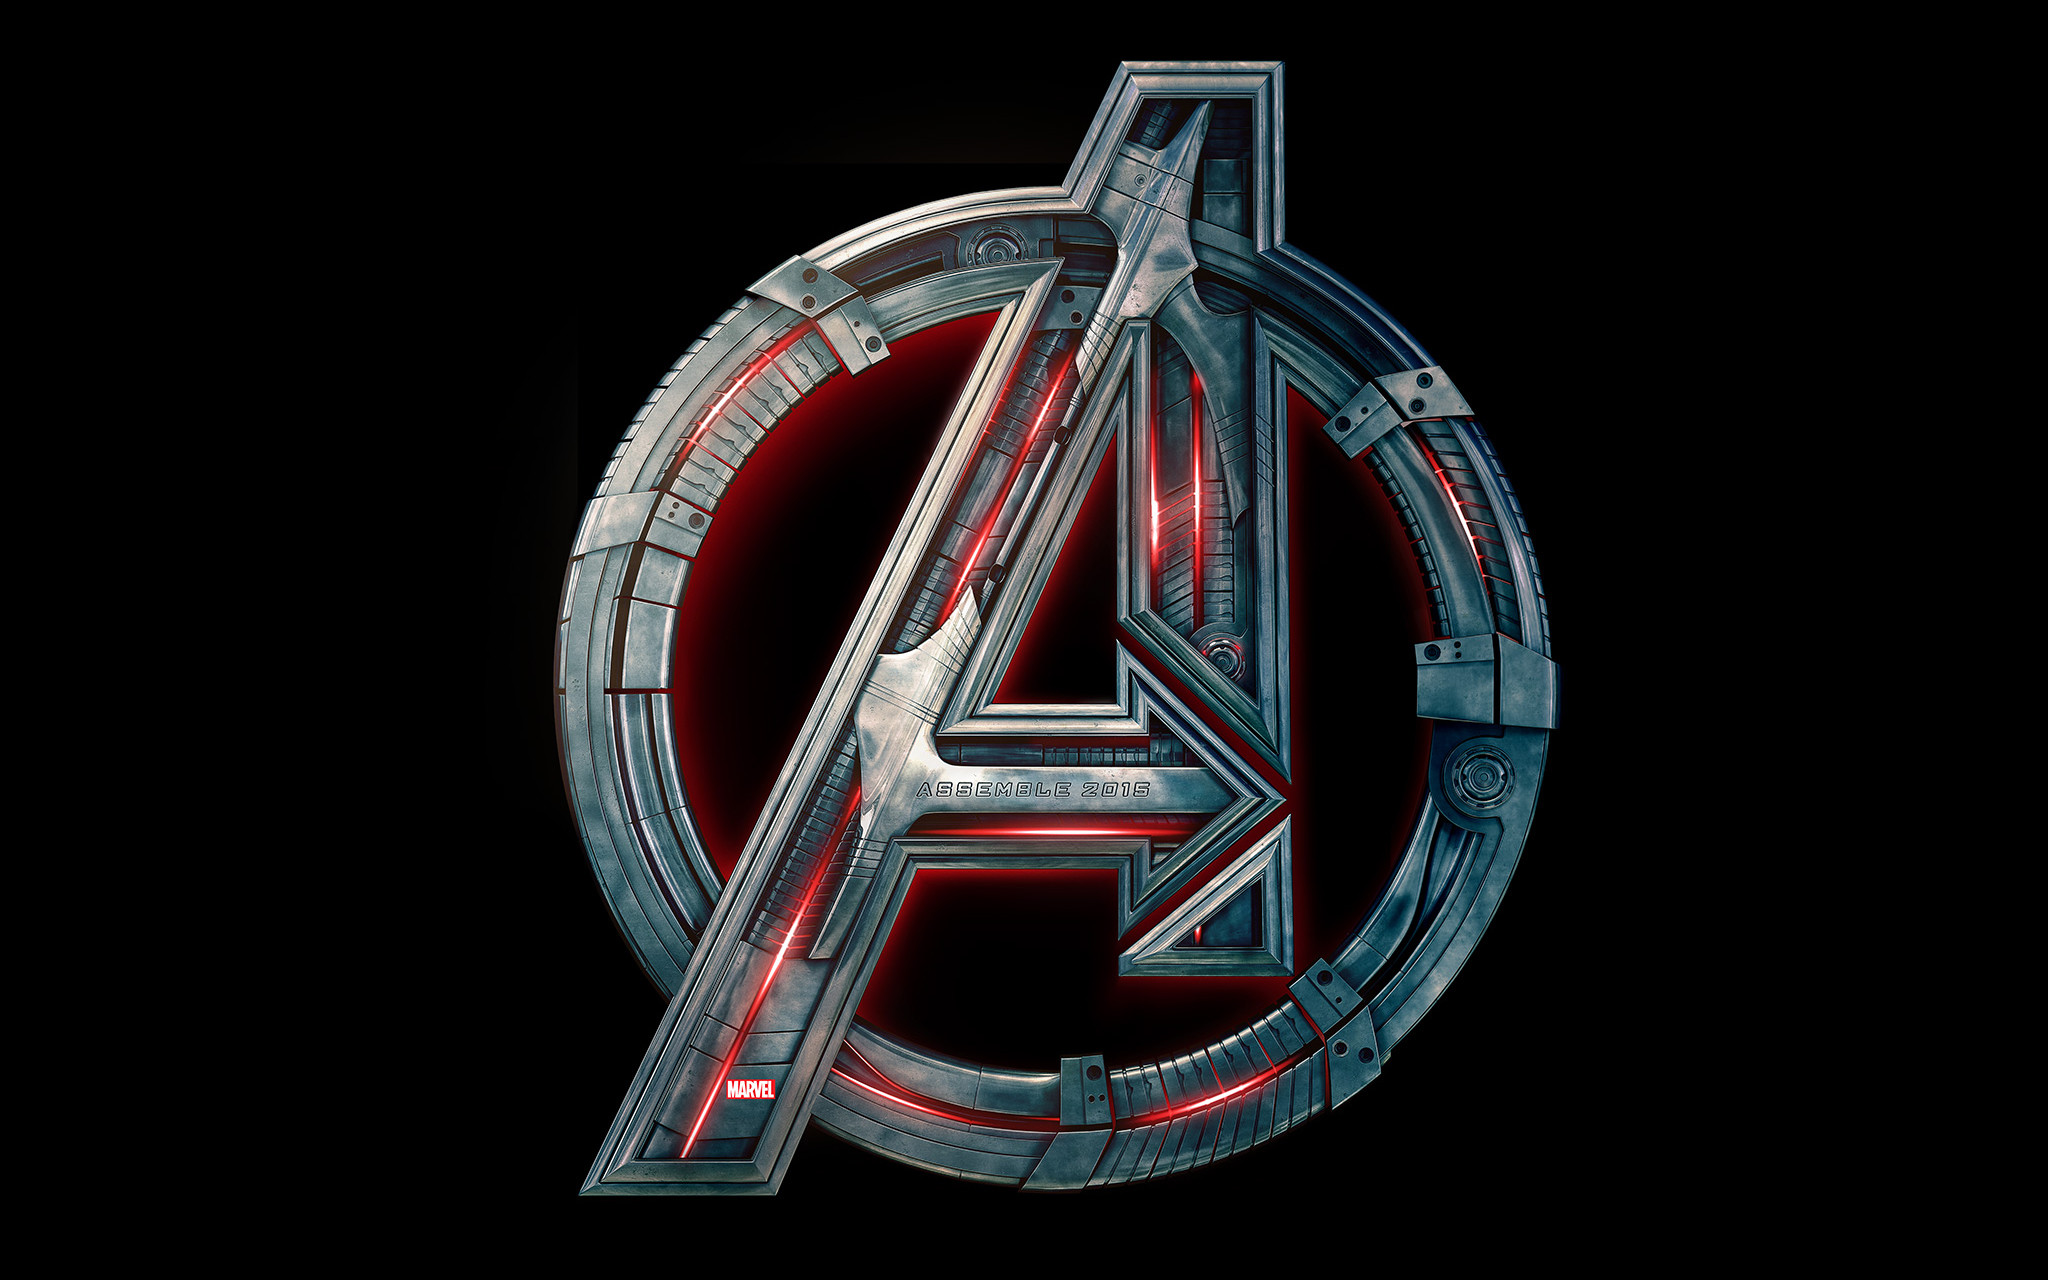 Avengers 4k wallpaper 53 images - Marvel hd wallpapers 4k ...